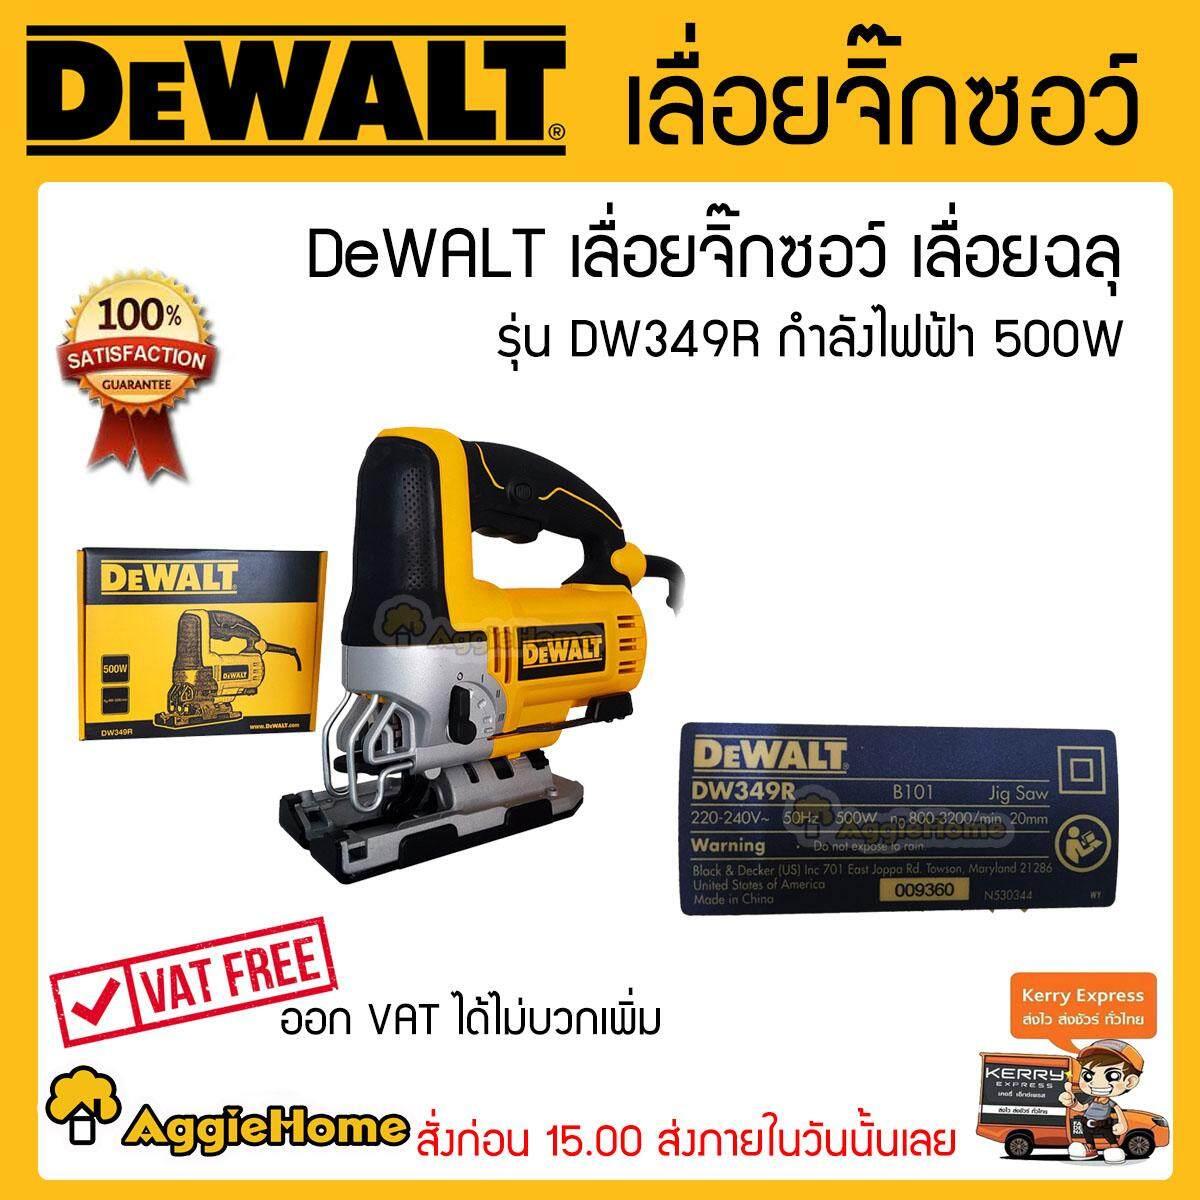 Dewalt เลื่อยจิ๊กซอว์(เลื่อยฉลุ) รุ่น Dw349r (500วัตต์) รับประกันยาวนานถึง3ปี.